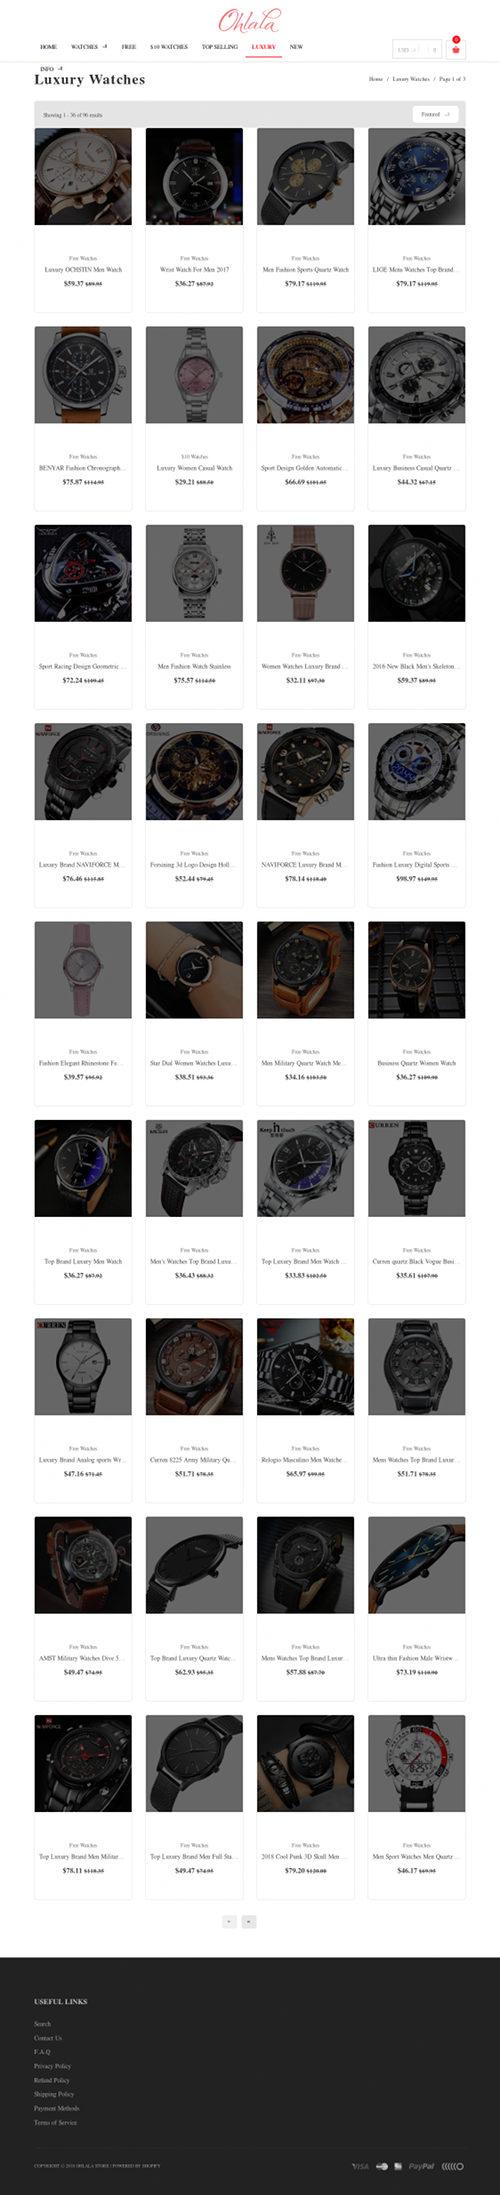 Screenshot der spambeworbenen Website für den angeblichen Verkauf von kostenlosen Markenuhren